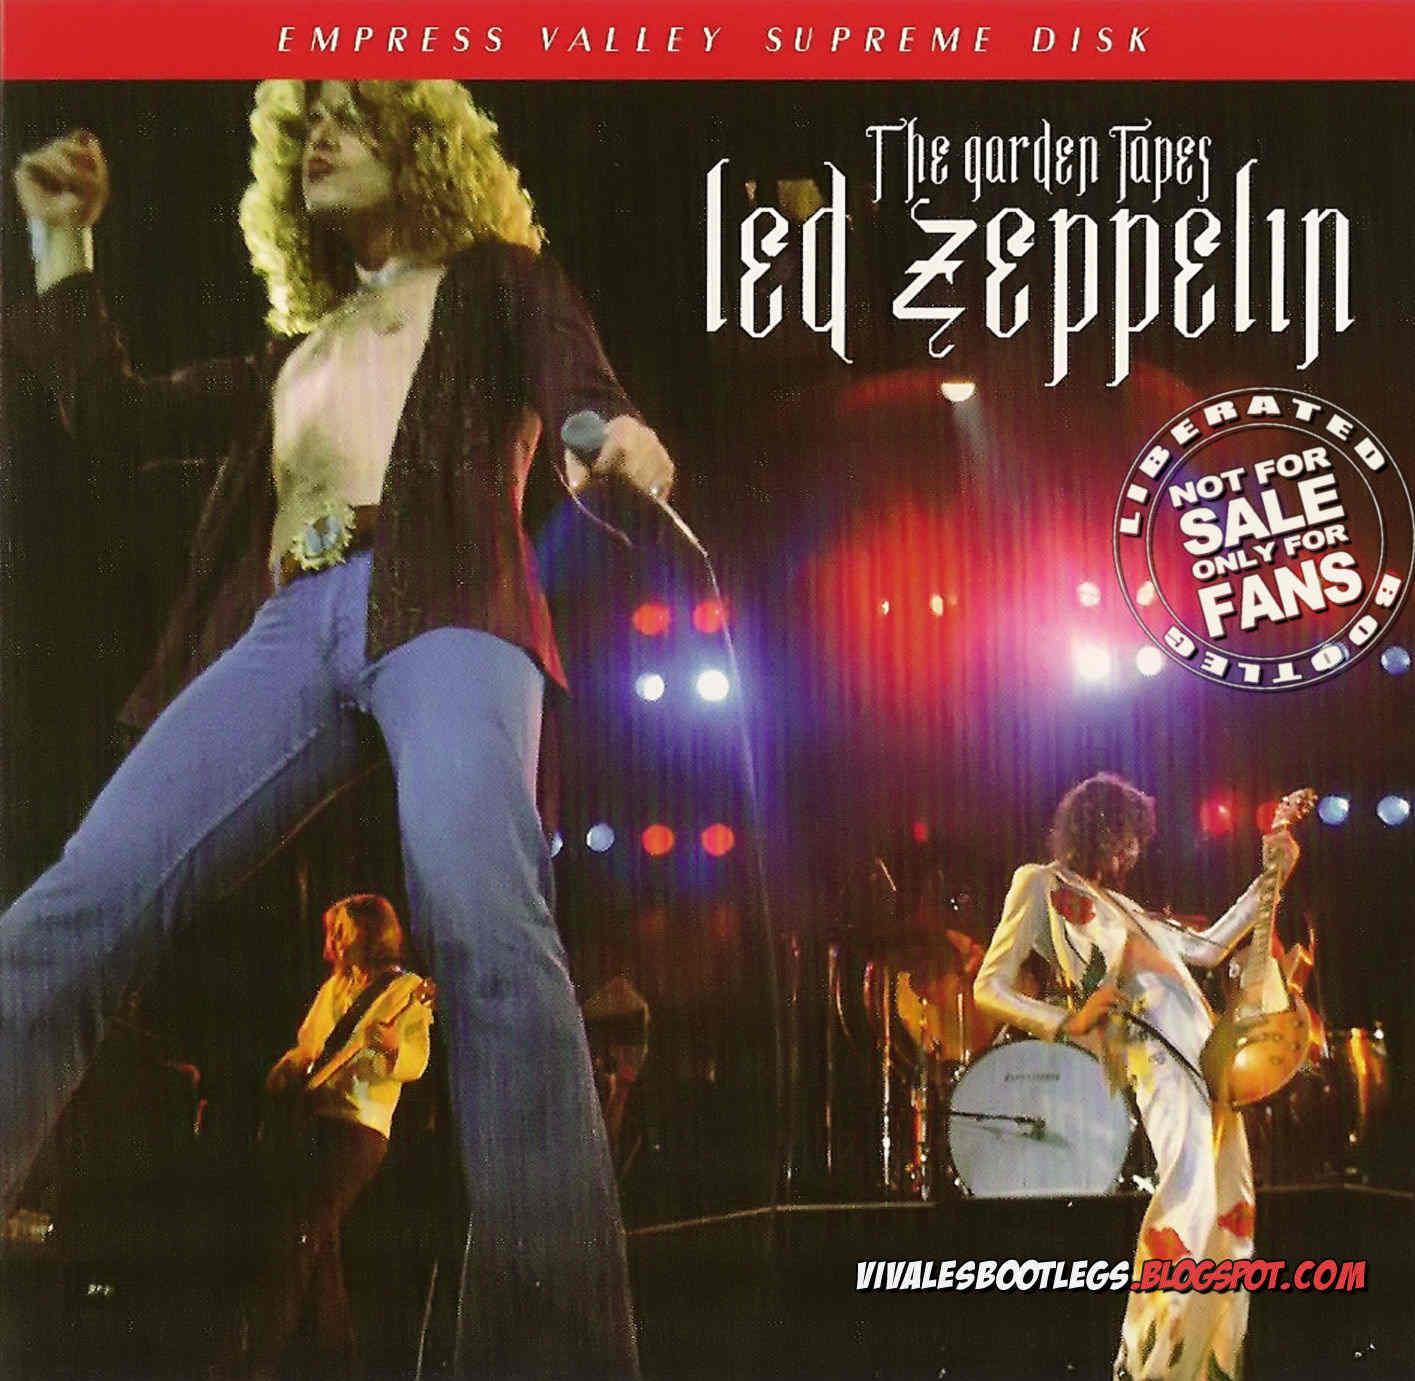 Led Zeppelin The Garden Tapes Madison Square Garden New